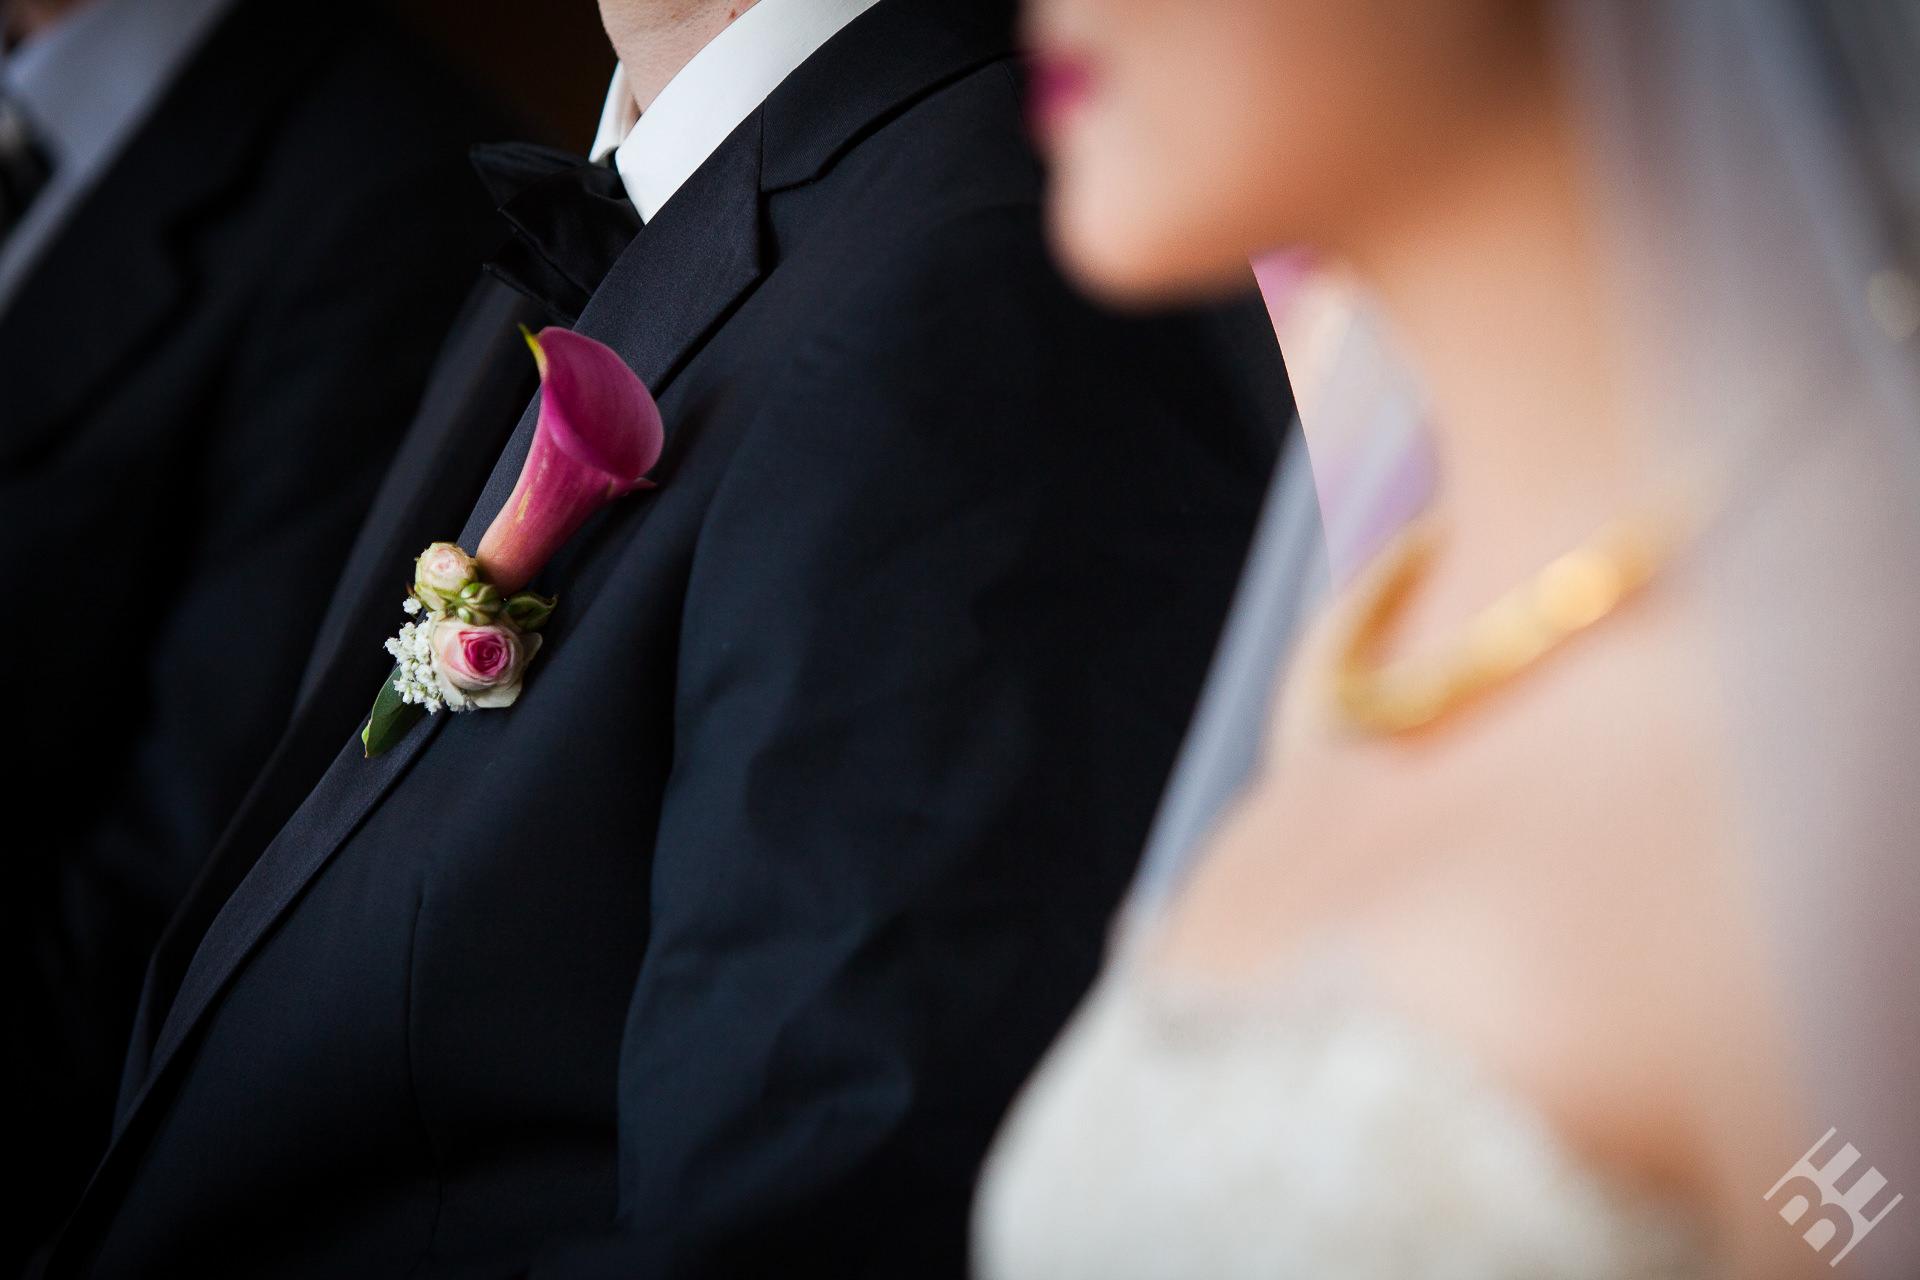 Hochzeit_22_IMG_9926_Volen_Evtimov